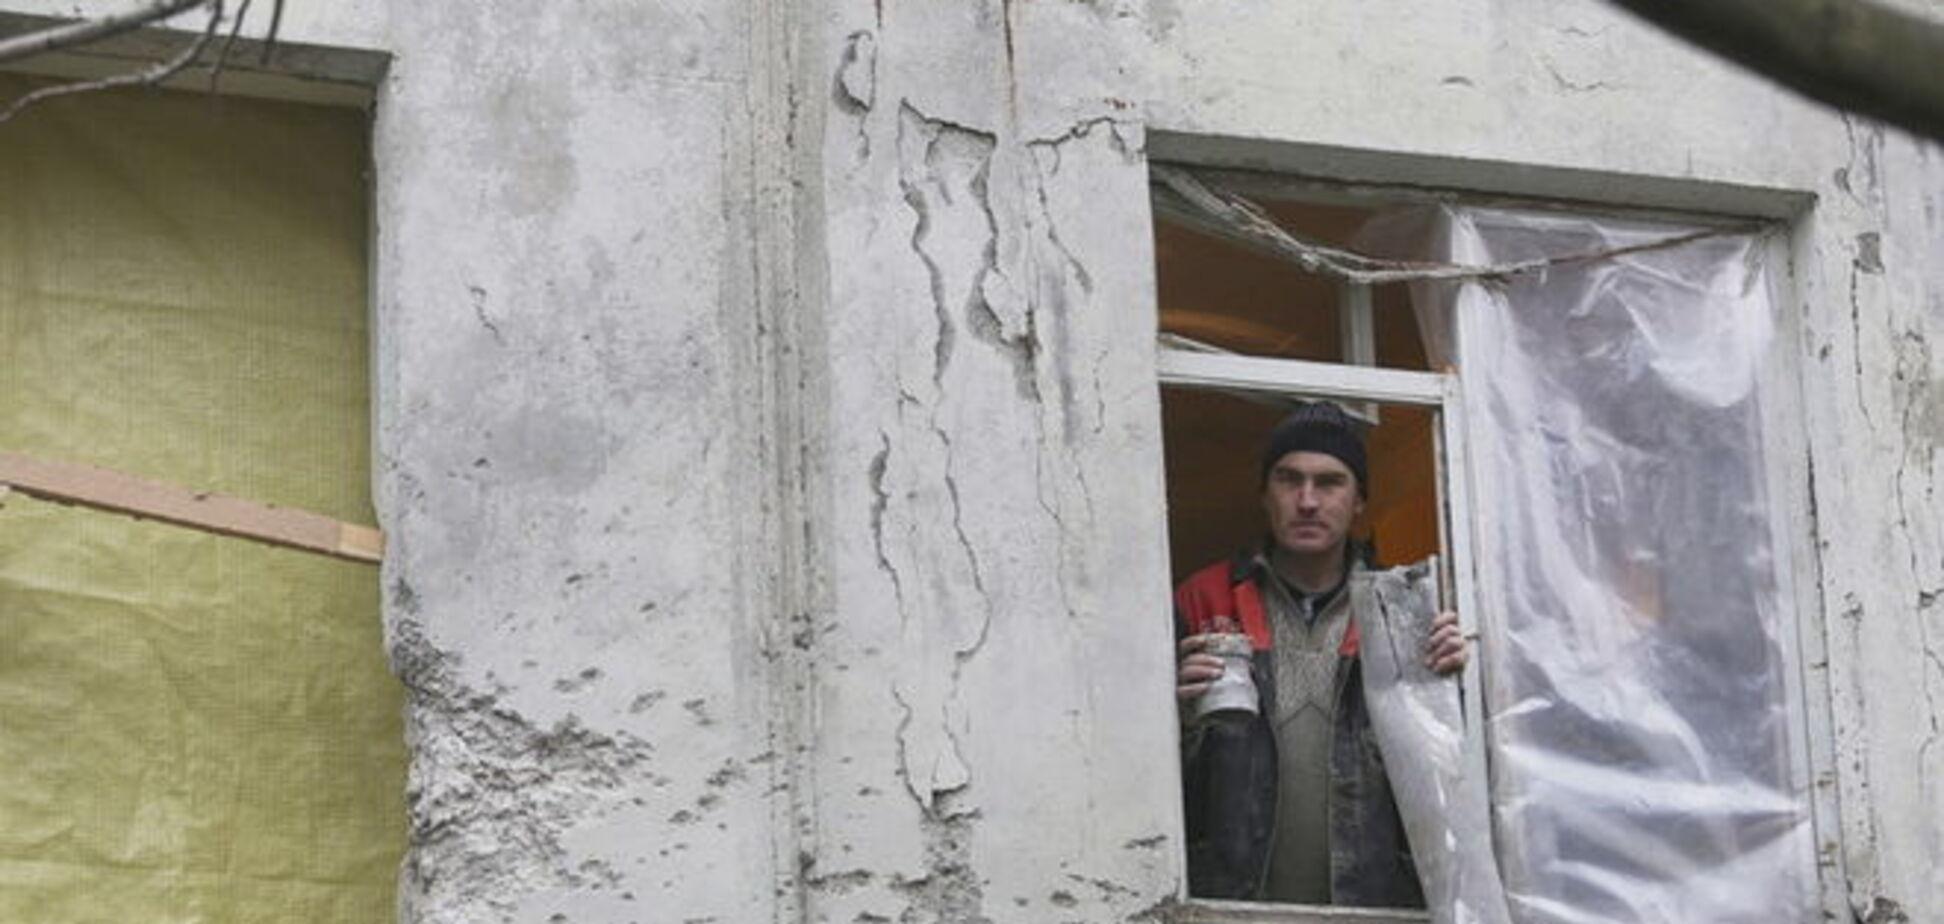 Бойцы АТО назвали следующую возможную цель террористов на Донбассе